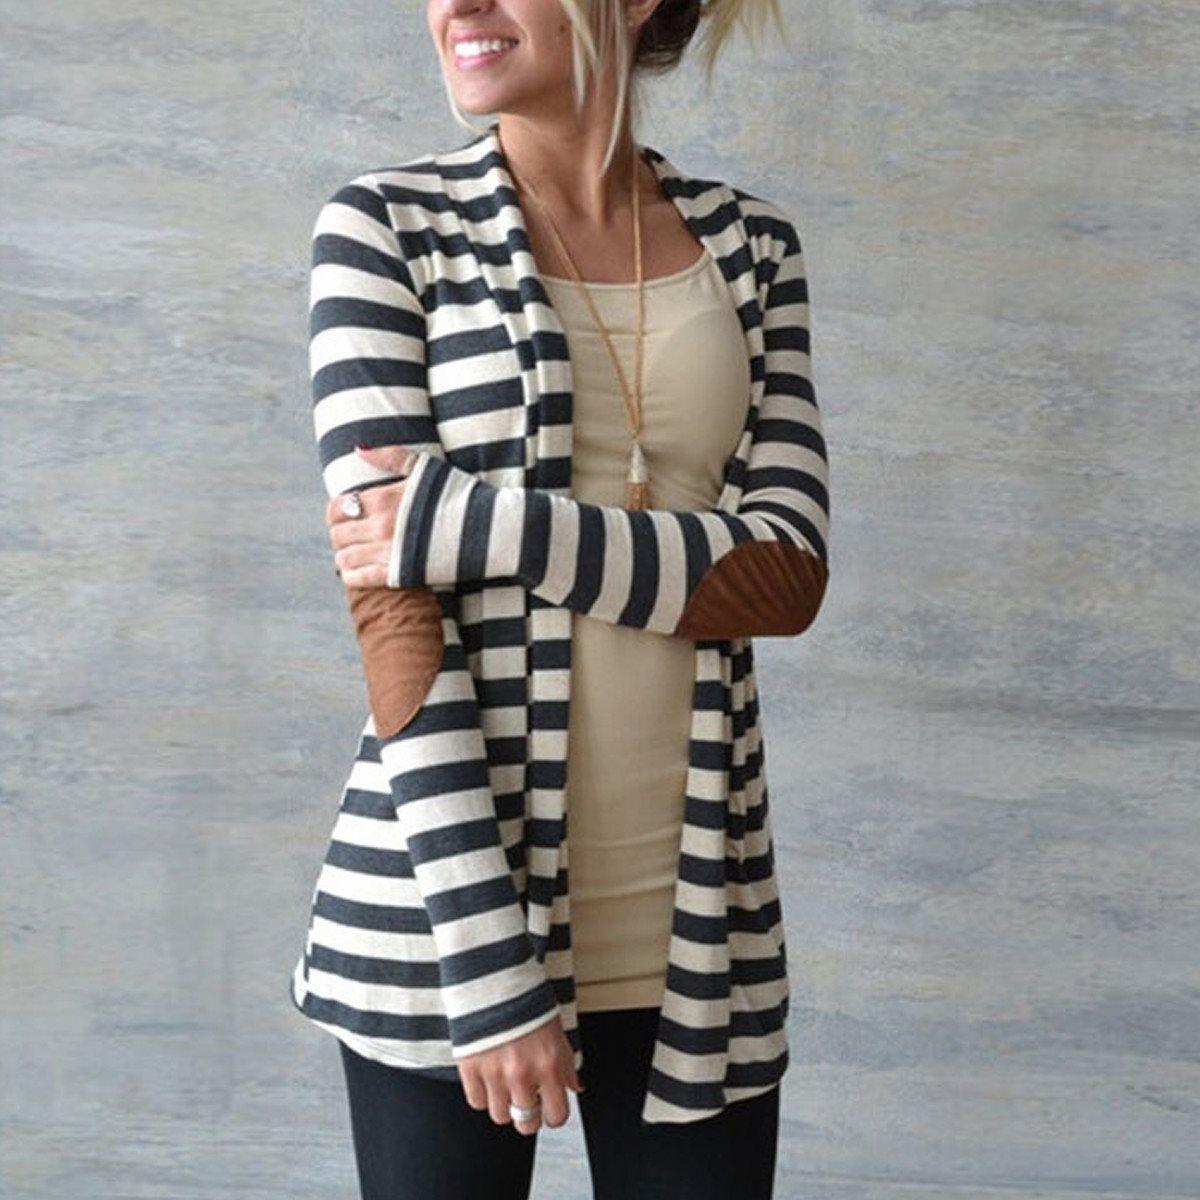 ZANZEA mode 2019 automne vêtements d'extérieur femmes à manches longues rayé imprimé Cardigan décontracté coude Patchwork tricoté pull de grande taille